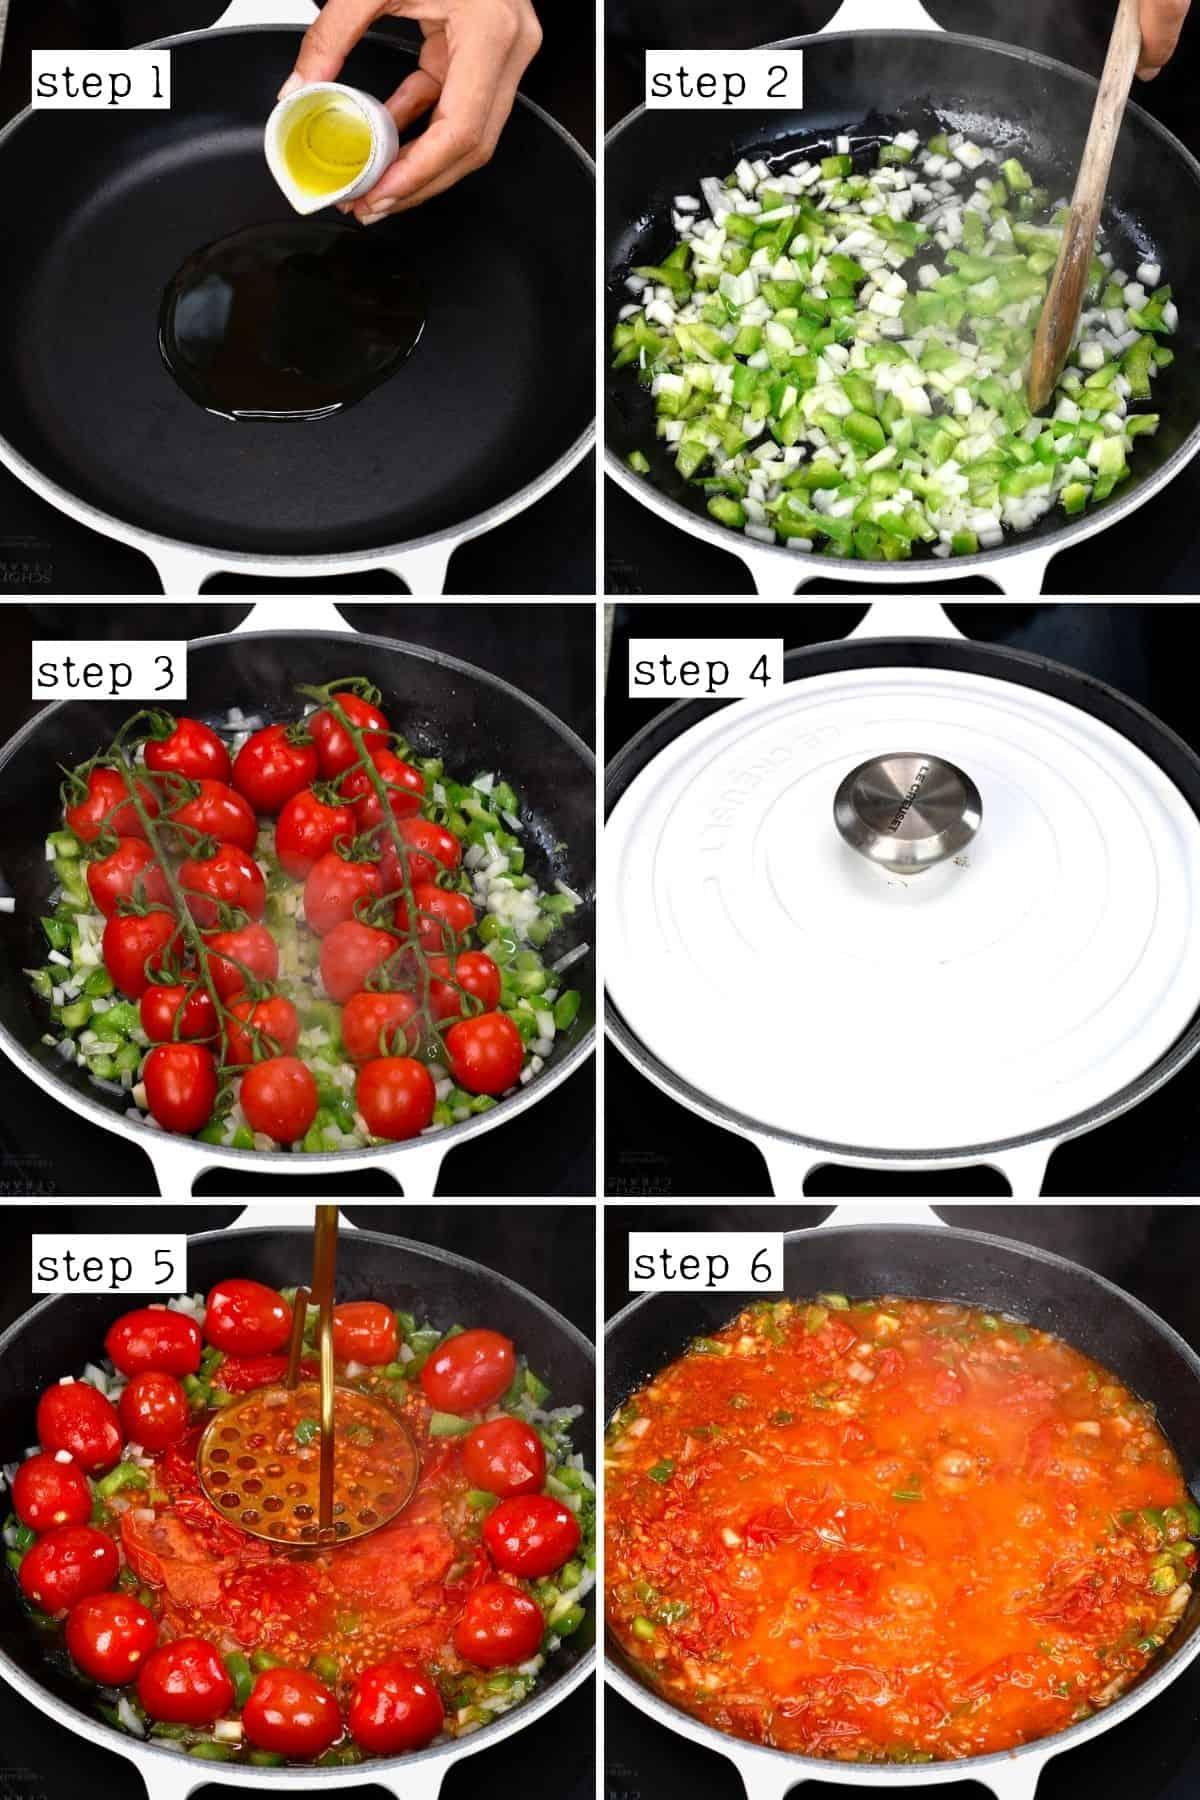 Steps for preparing menemen